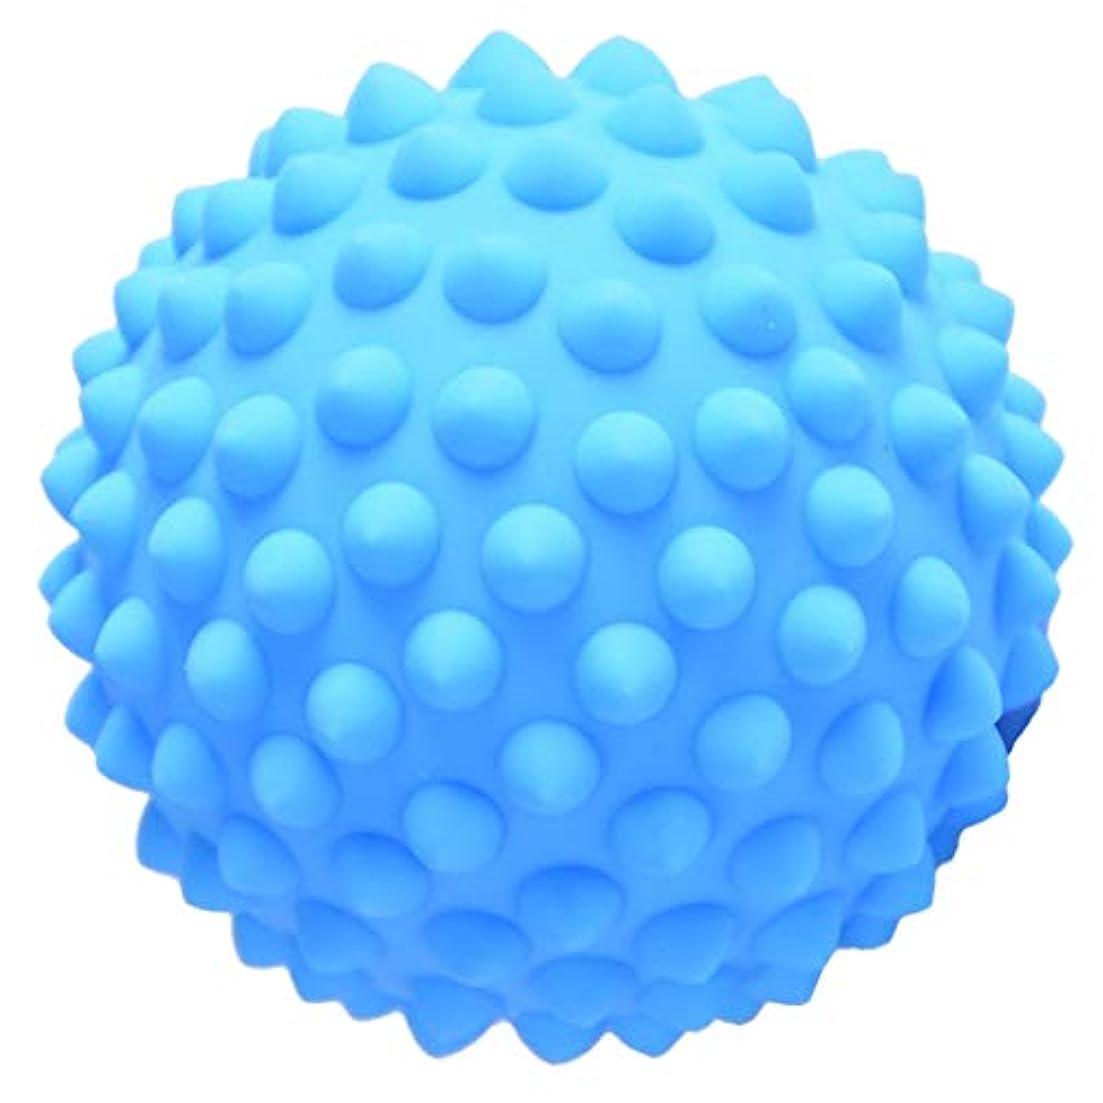 タフ預言者制裁ハードPVC 9センチのとがったマッサージローラーボール指圧ボディリラクゼーションマッサージ - 青, 説明のとおり